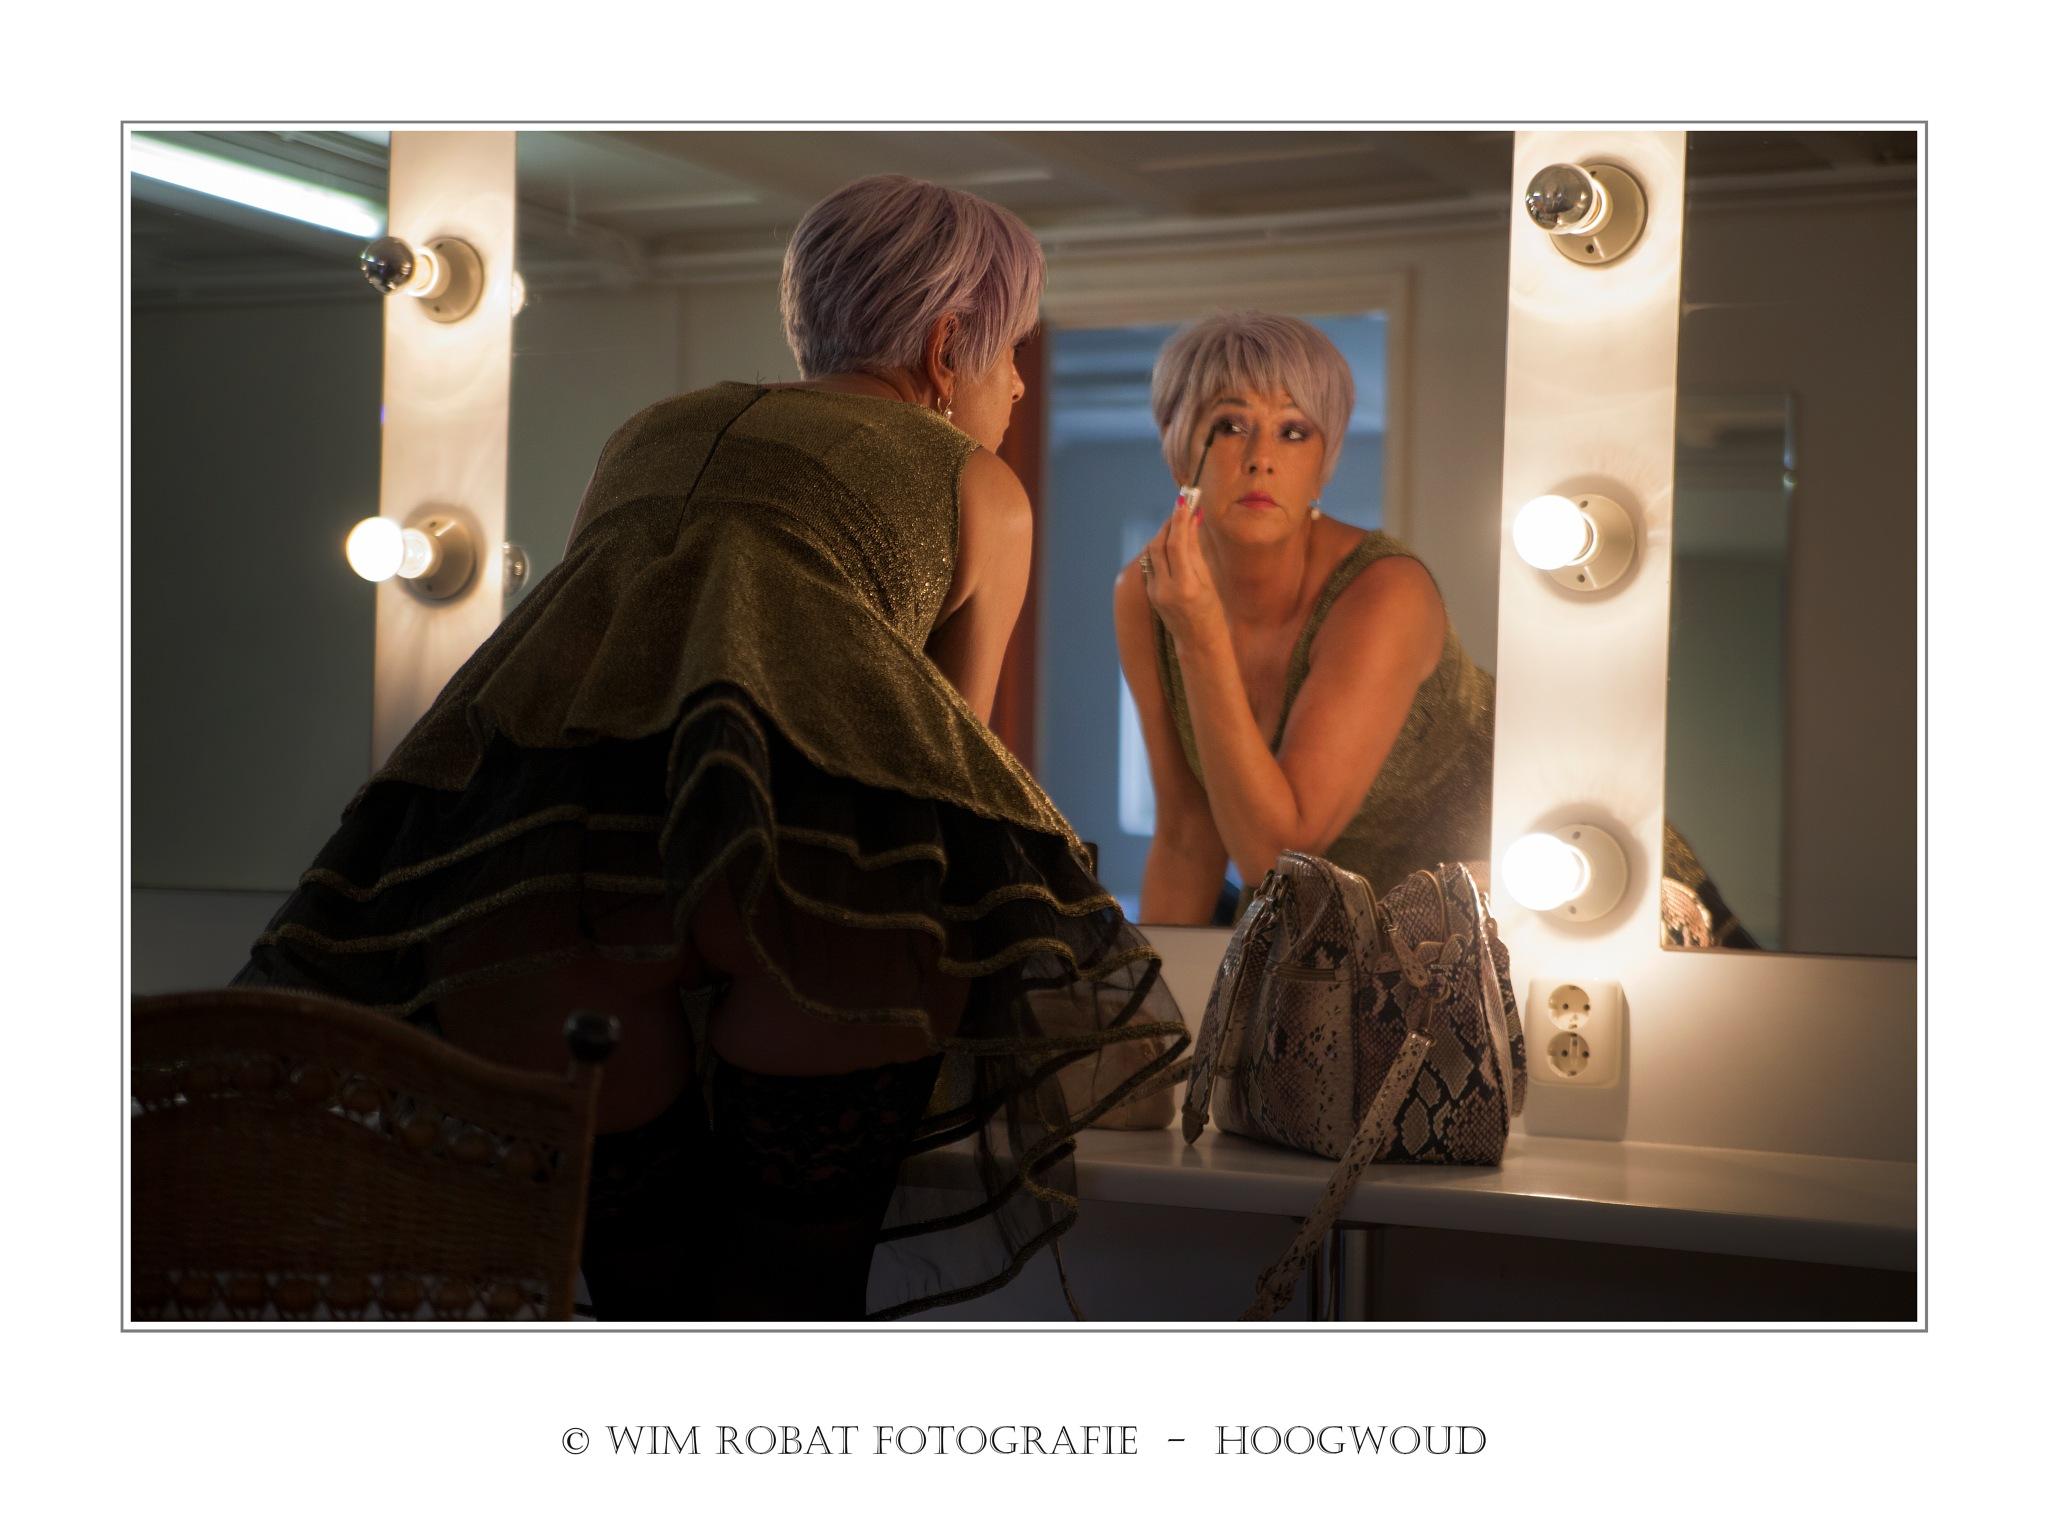 Diva by Wim Robat